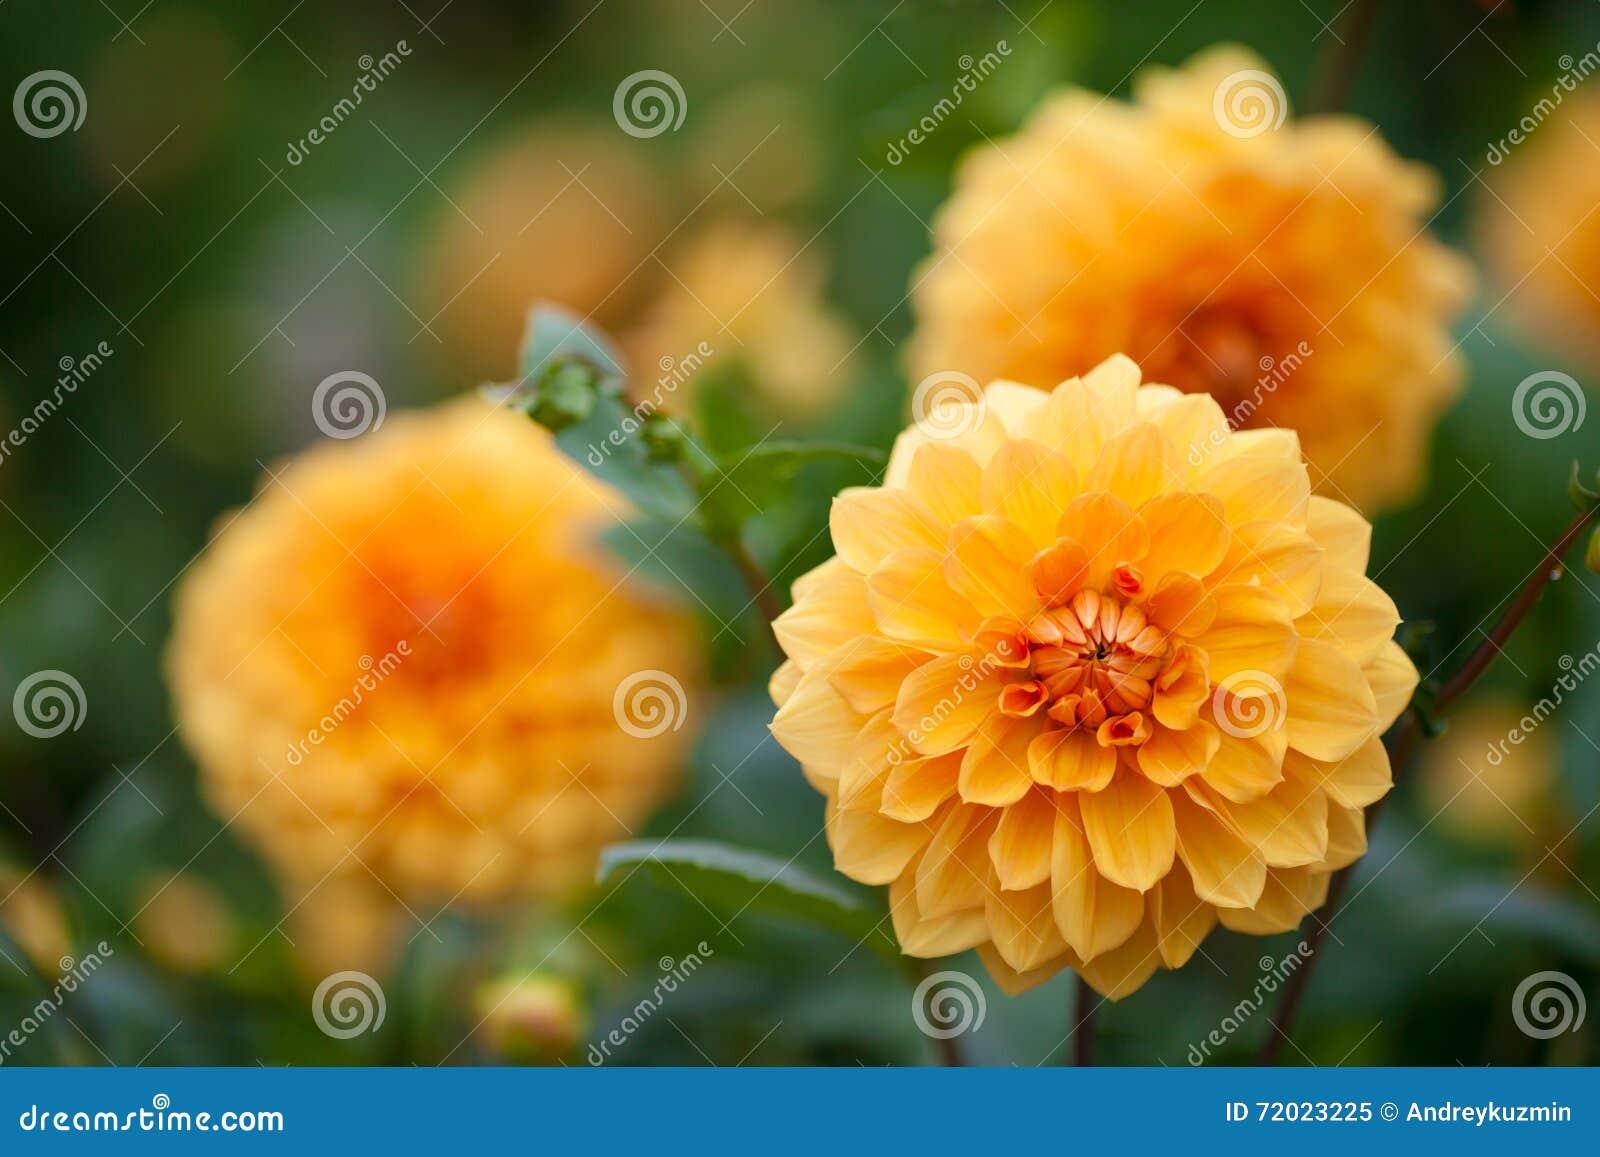 gelbe und orange blumen der dahlie im garten stockfoto bild 72023225. Black Bedroom Furniture Sets. Home Design Ideas